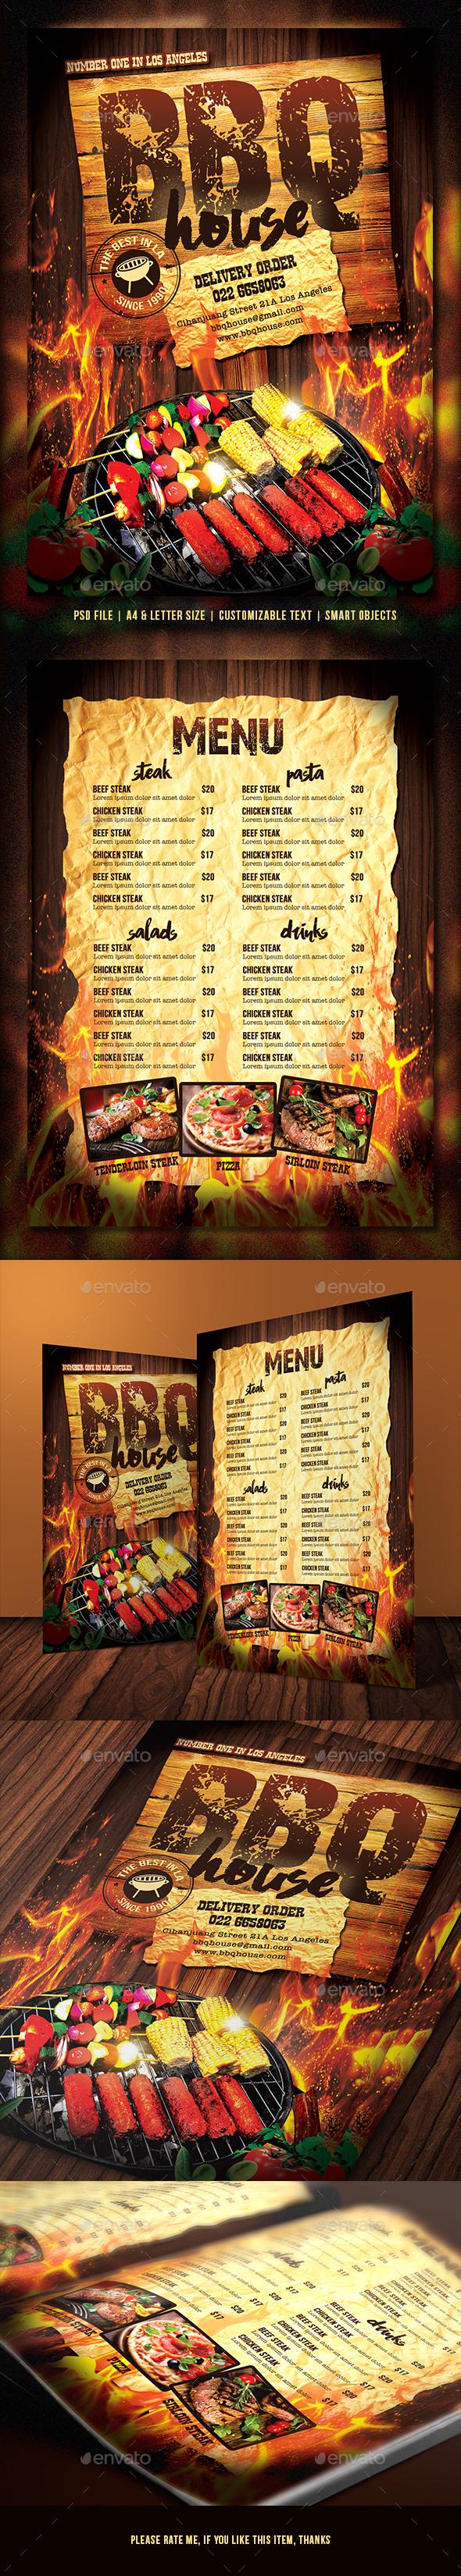 Barbecue / Steak Menu  - Food Menus Print Templates